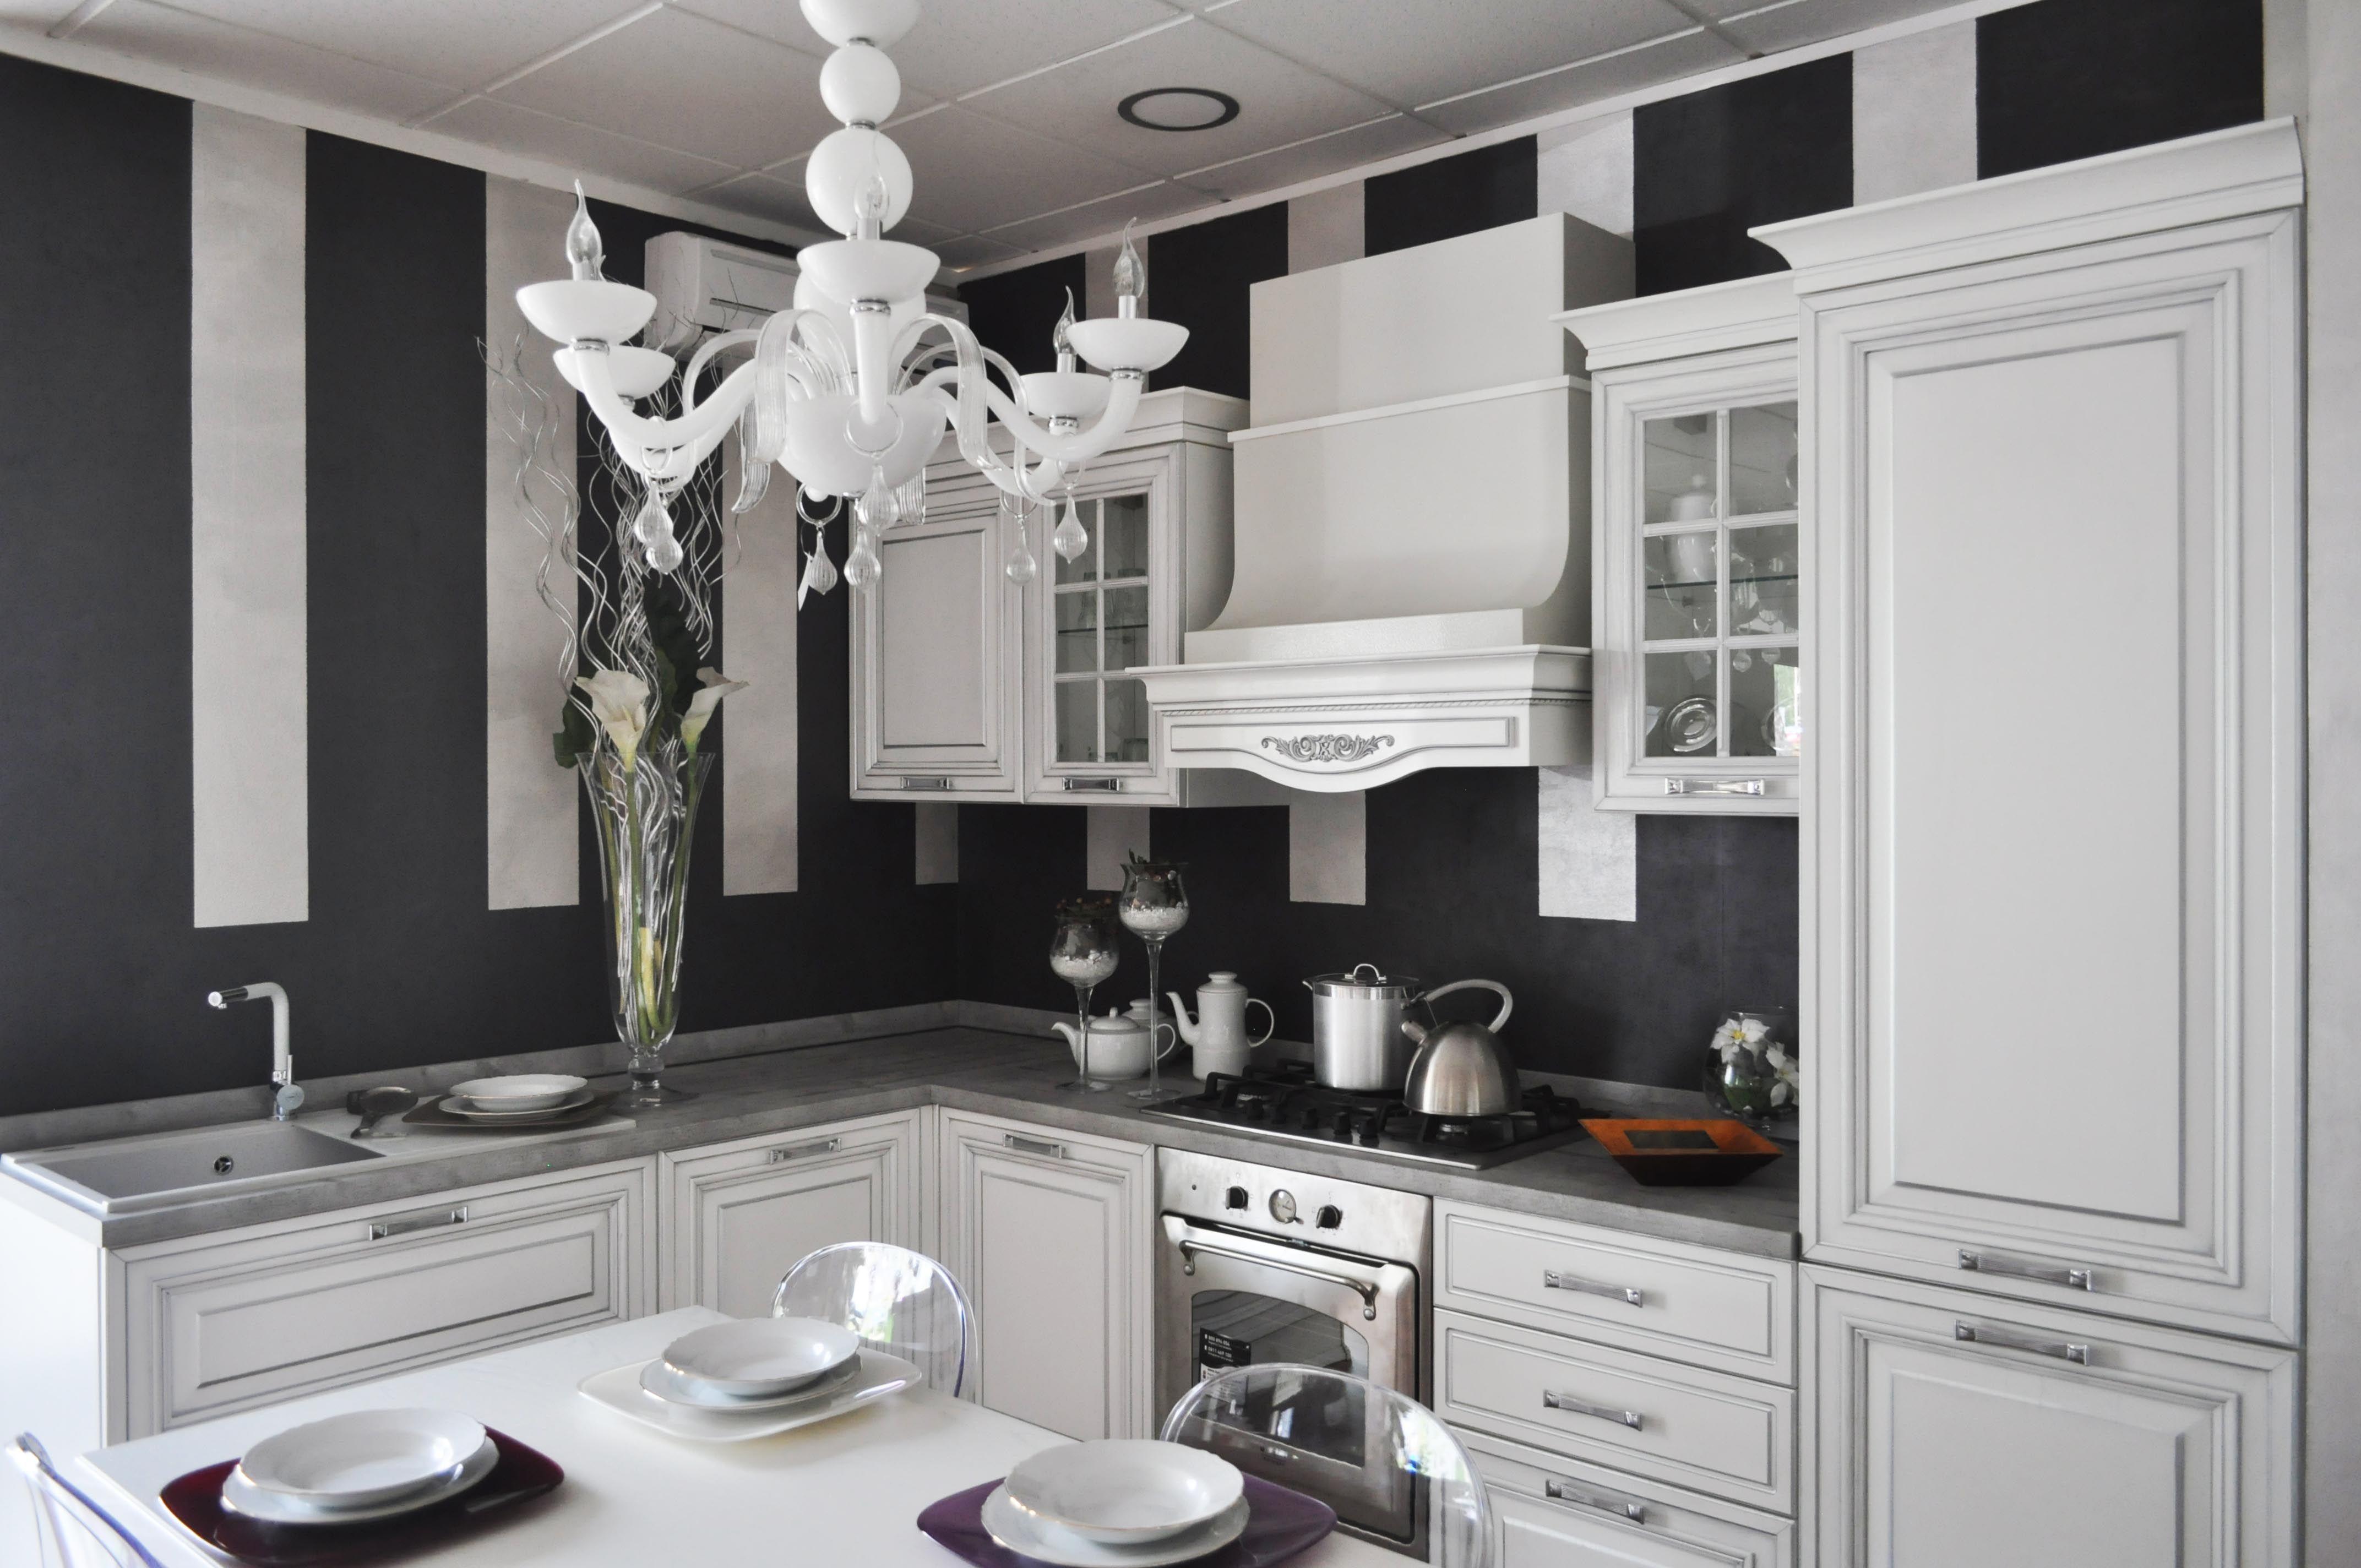 Cucina victoria by arredo 3 bianco arredamento for Cucine classiche arredo 3